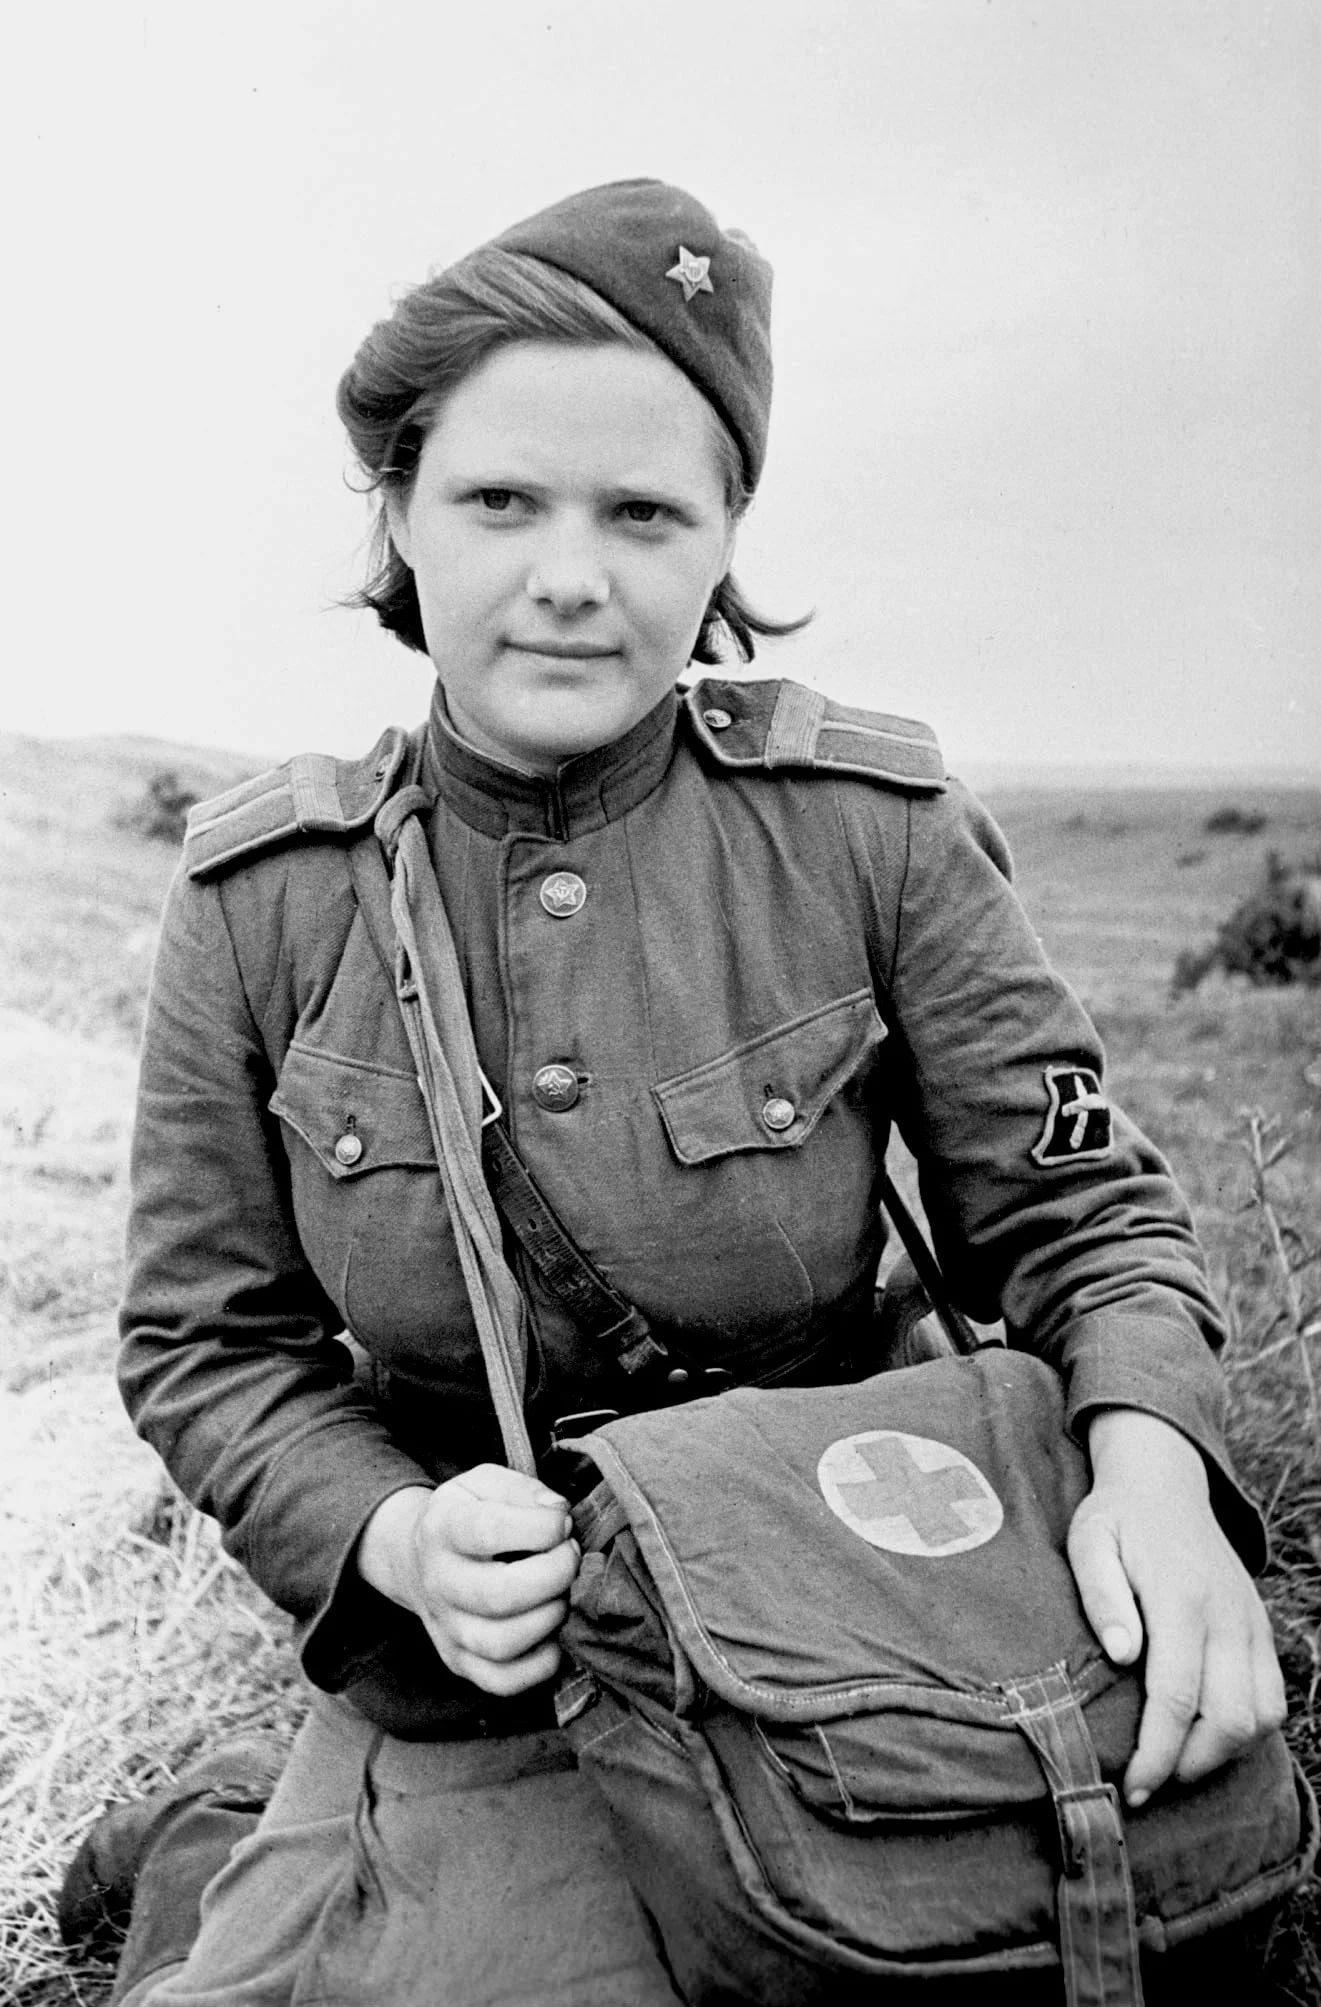 Правда про женщин на войнe, о которой не принято говорить